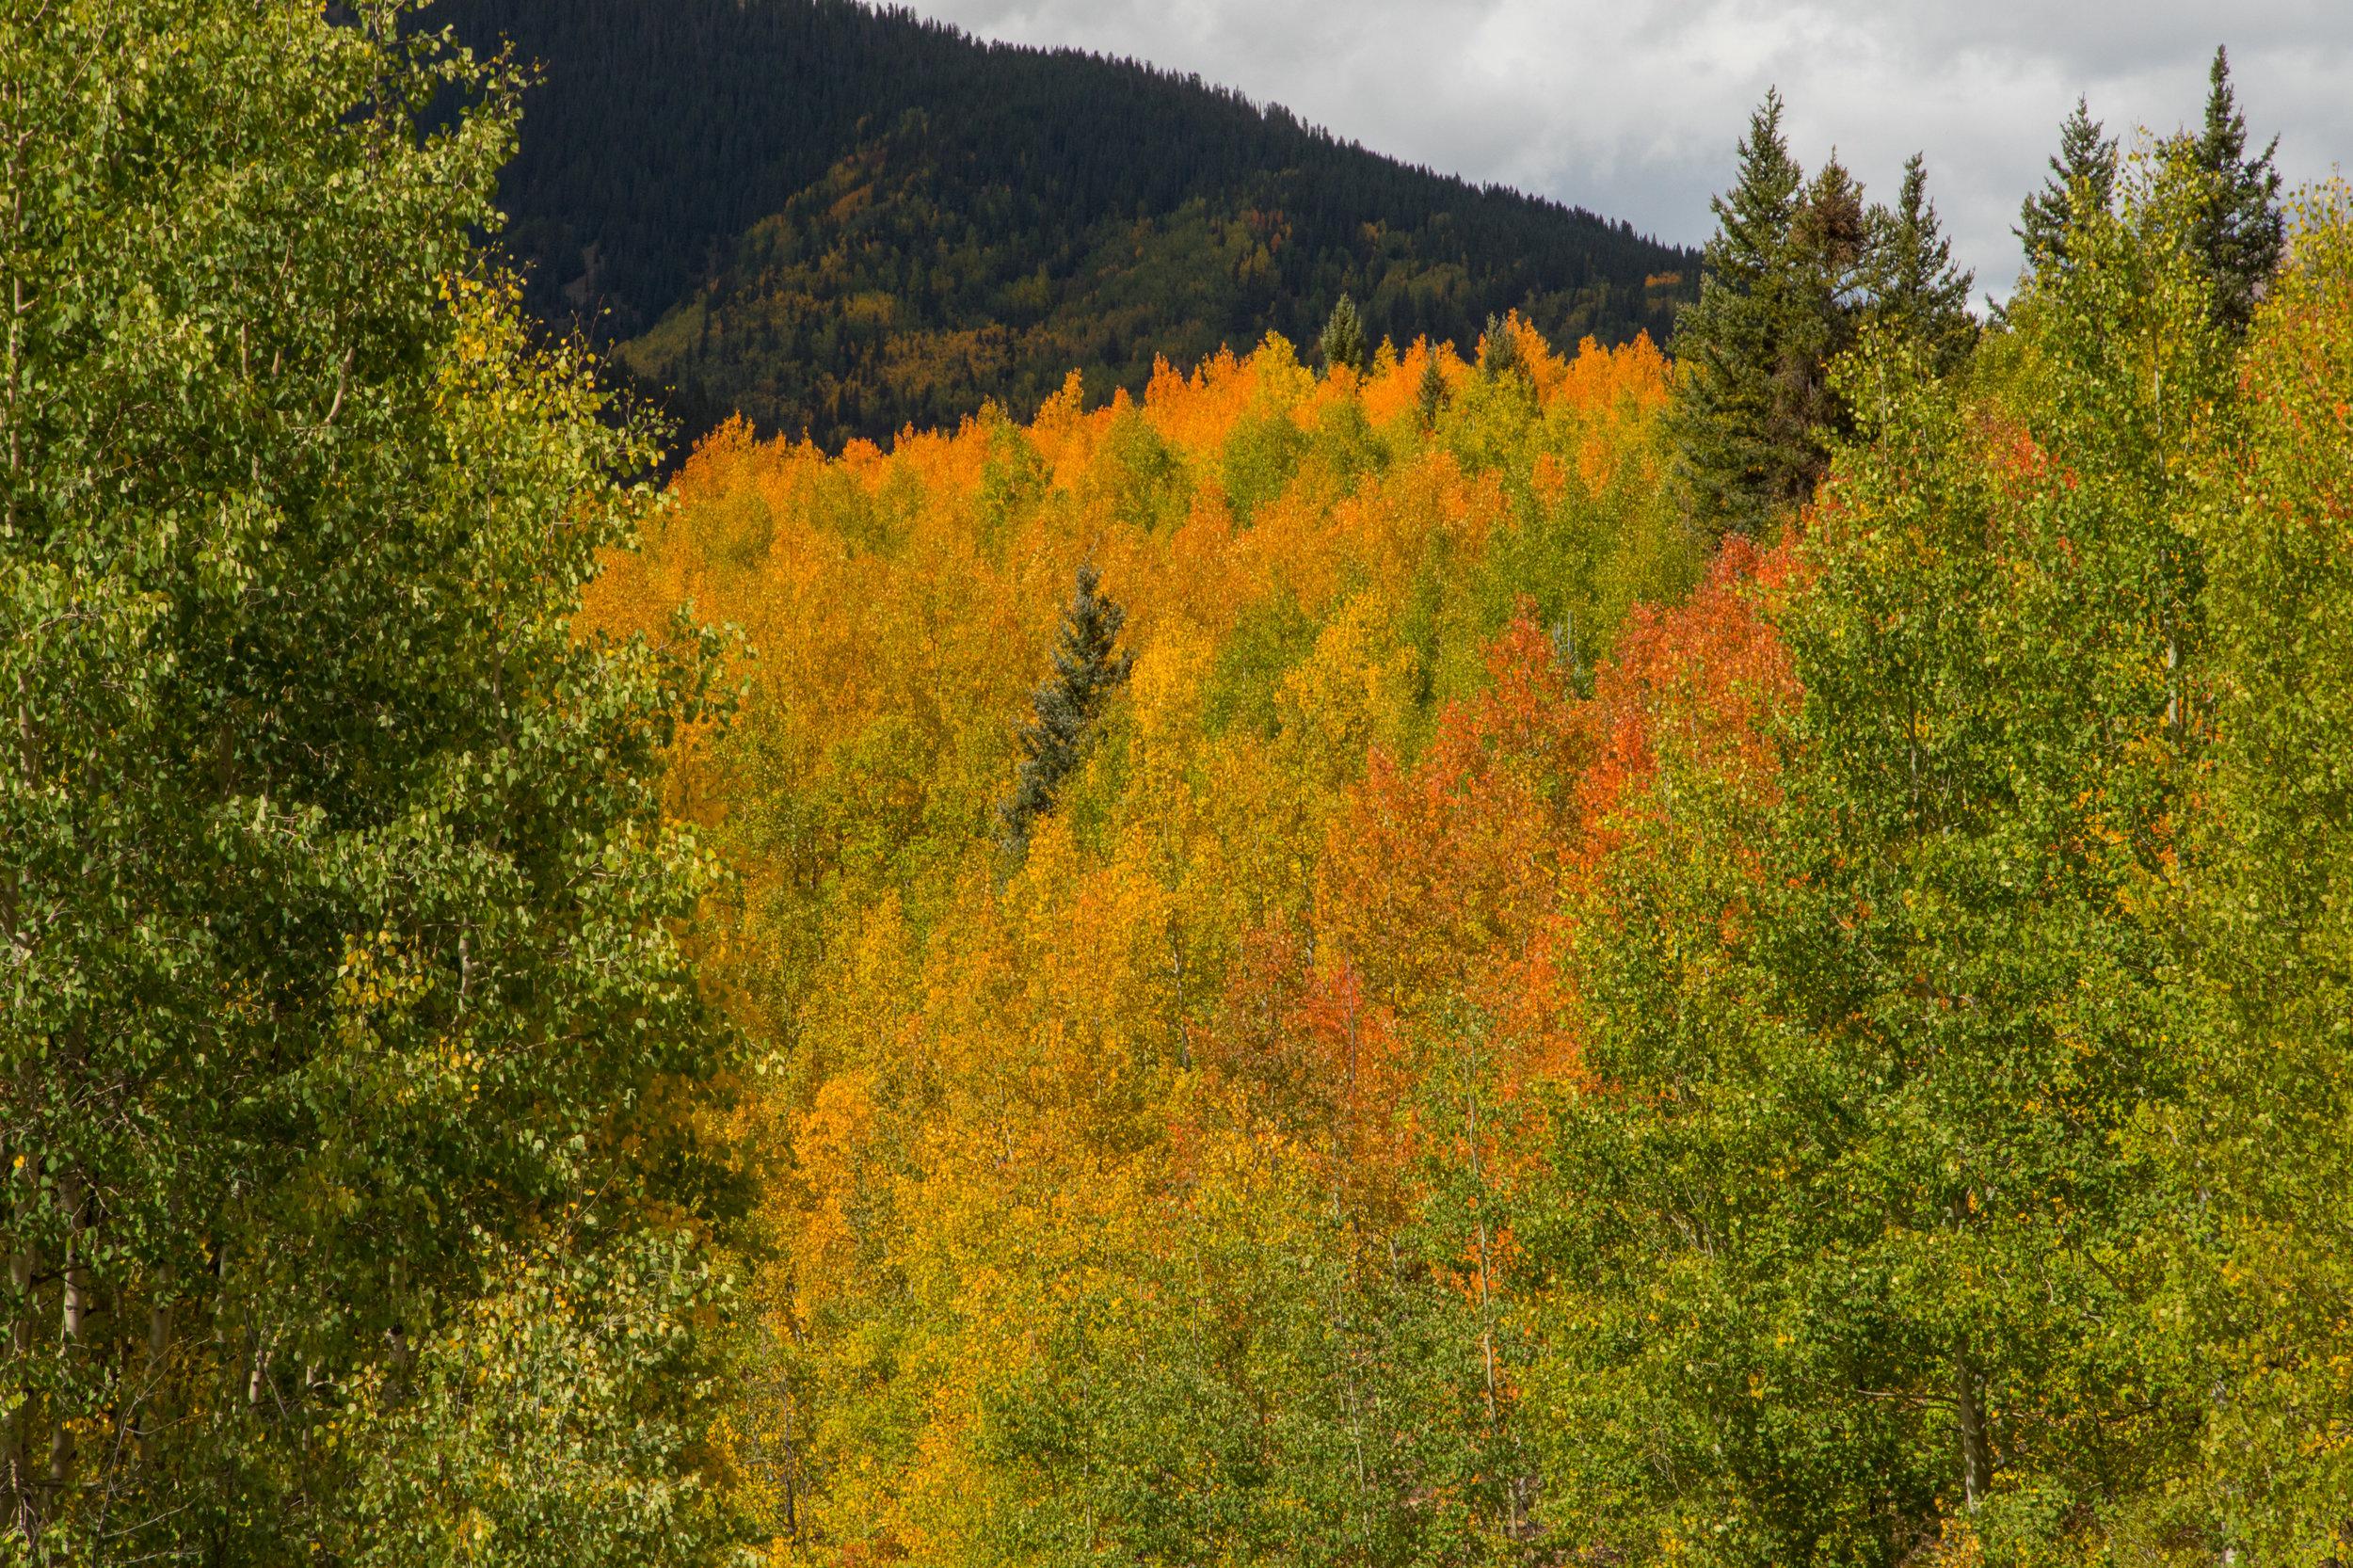 Silverton, Colorado, Image # 9990